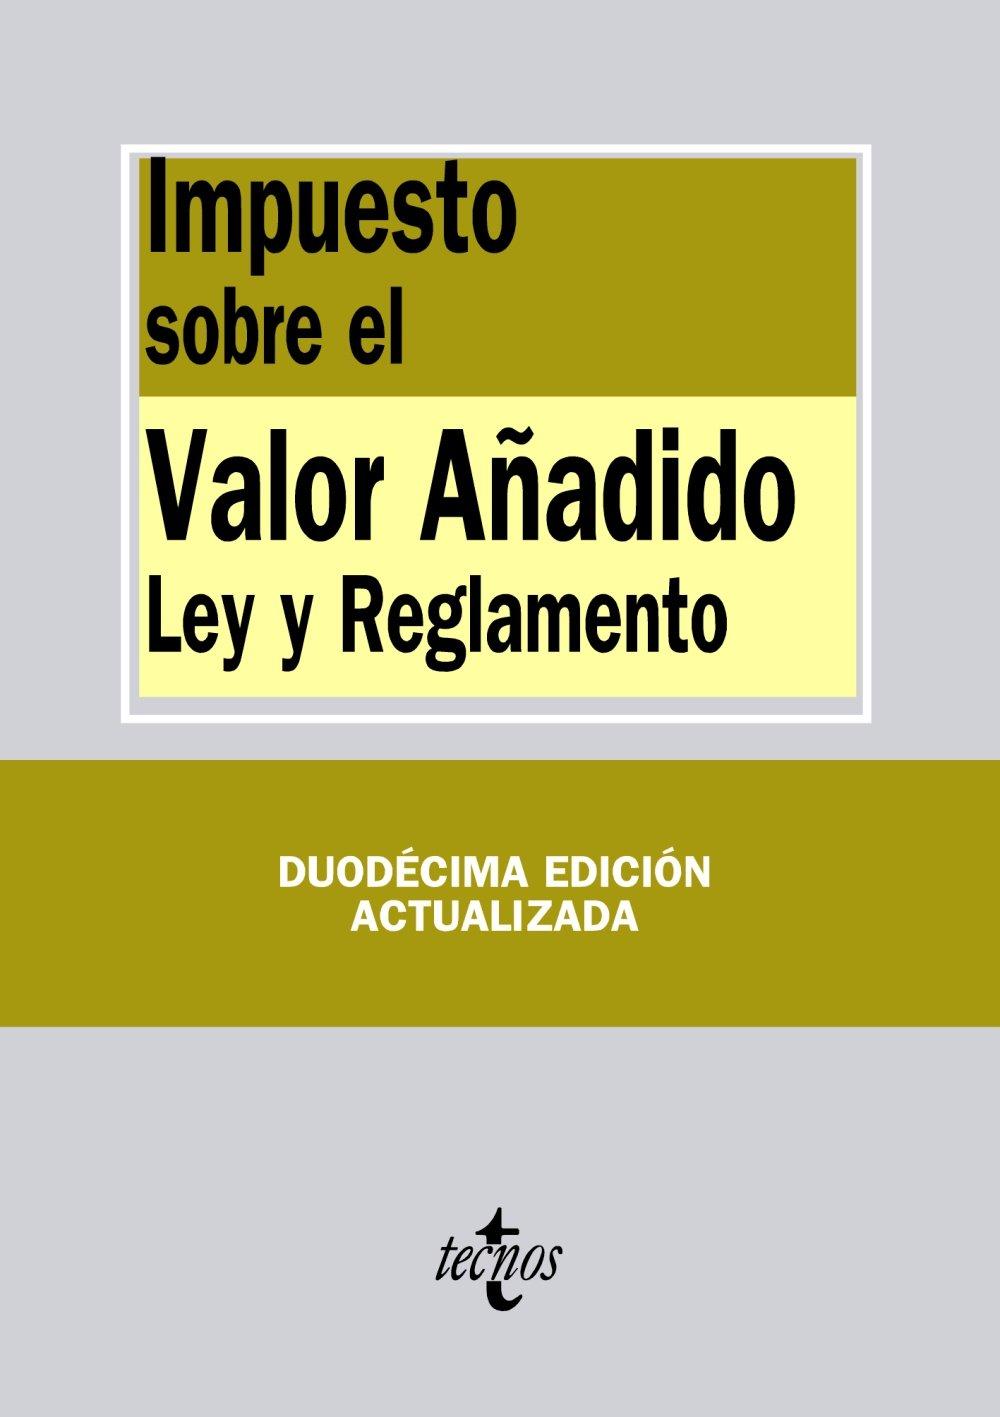 Impuesto sobre el Valor Añadido: Ley y Reglamento Derecho - Biblioteca De Textos Legales: Amazon.es: Editorial Tecnos: Libros